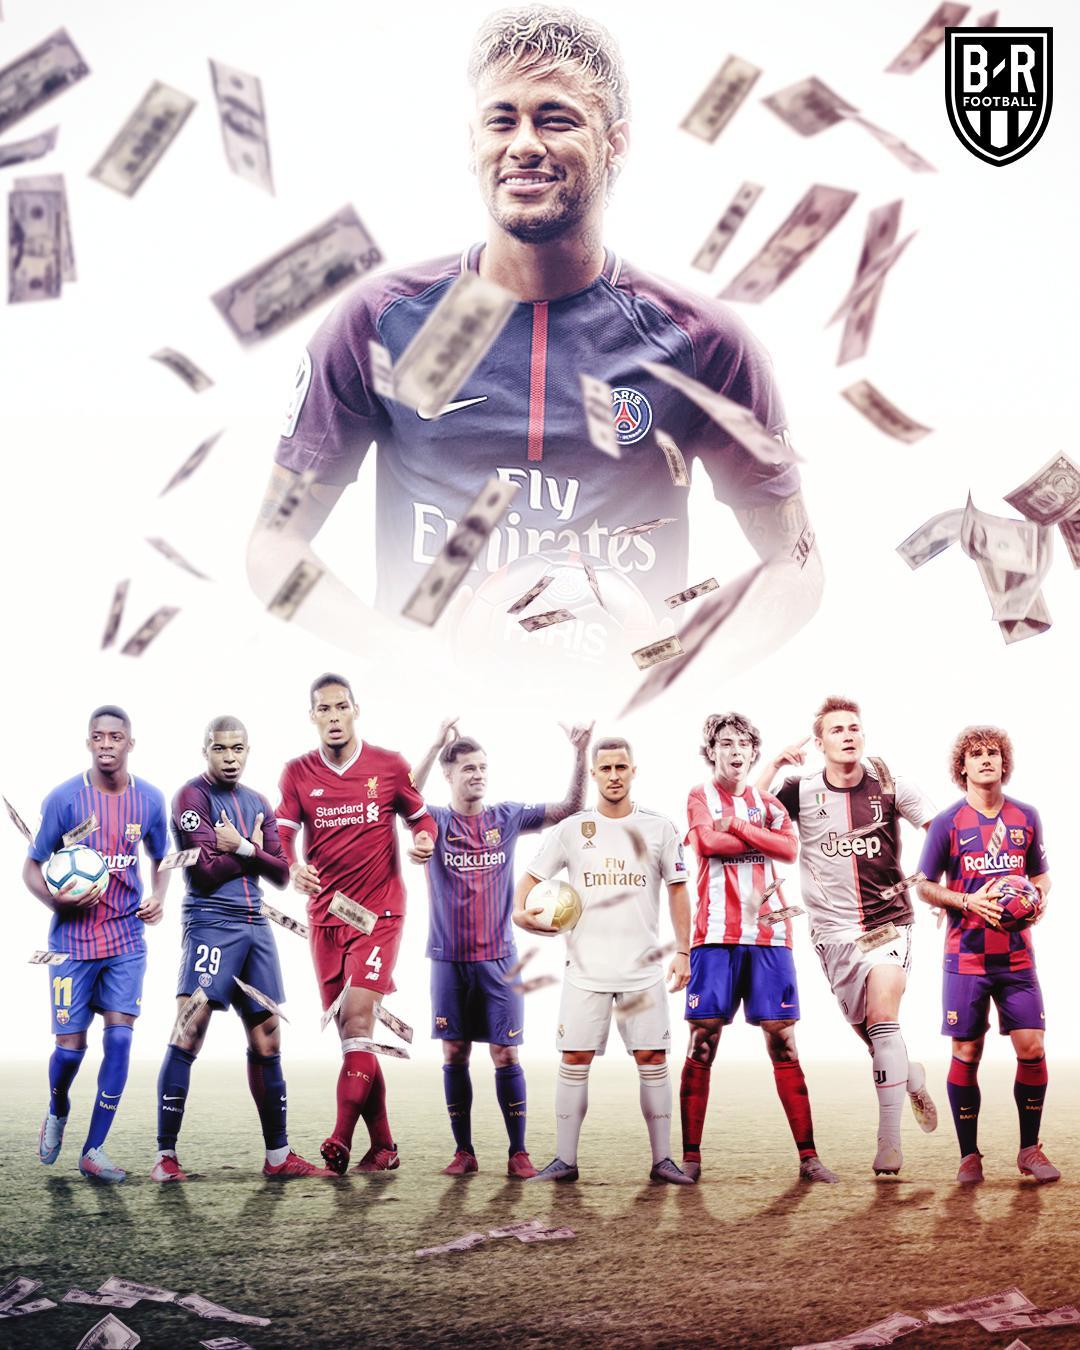 B/R海报:2年前的今天,巴萨收到了一张2.22亿欧的支票